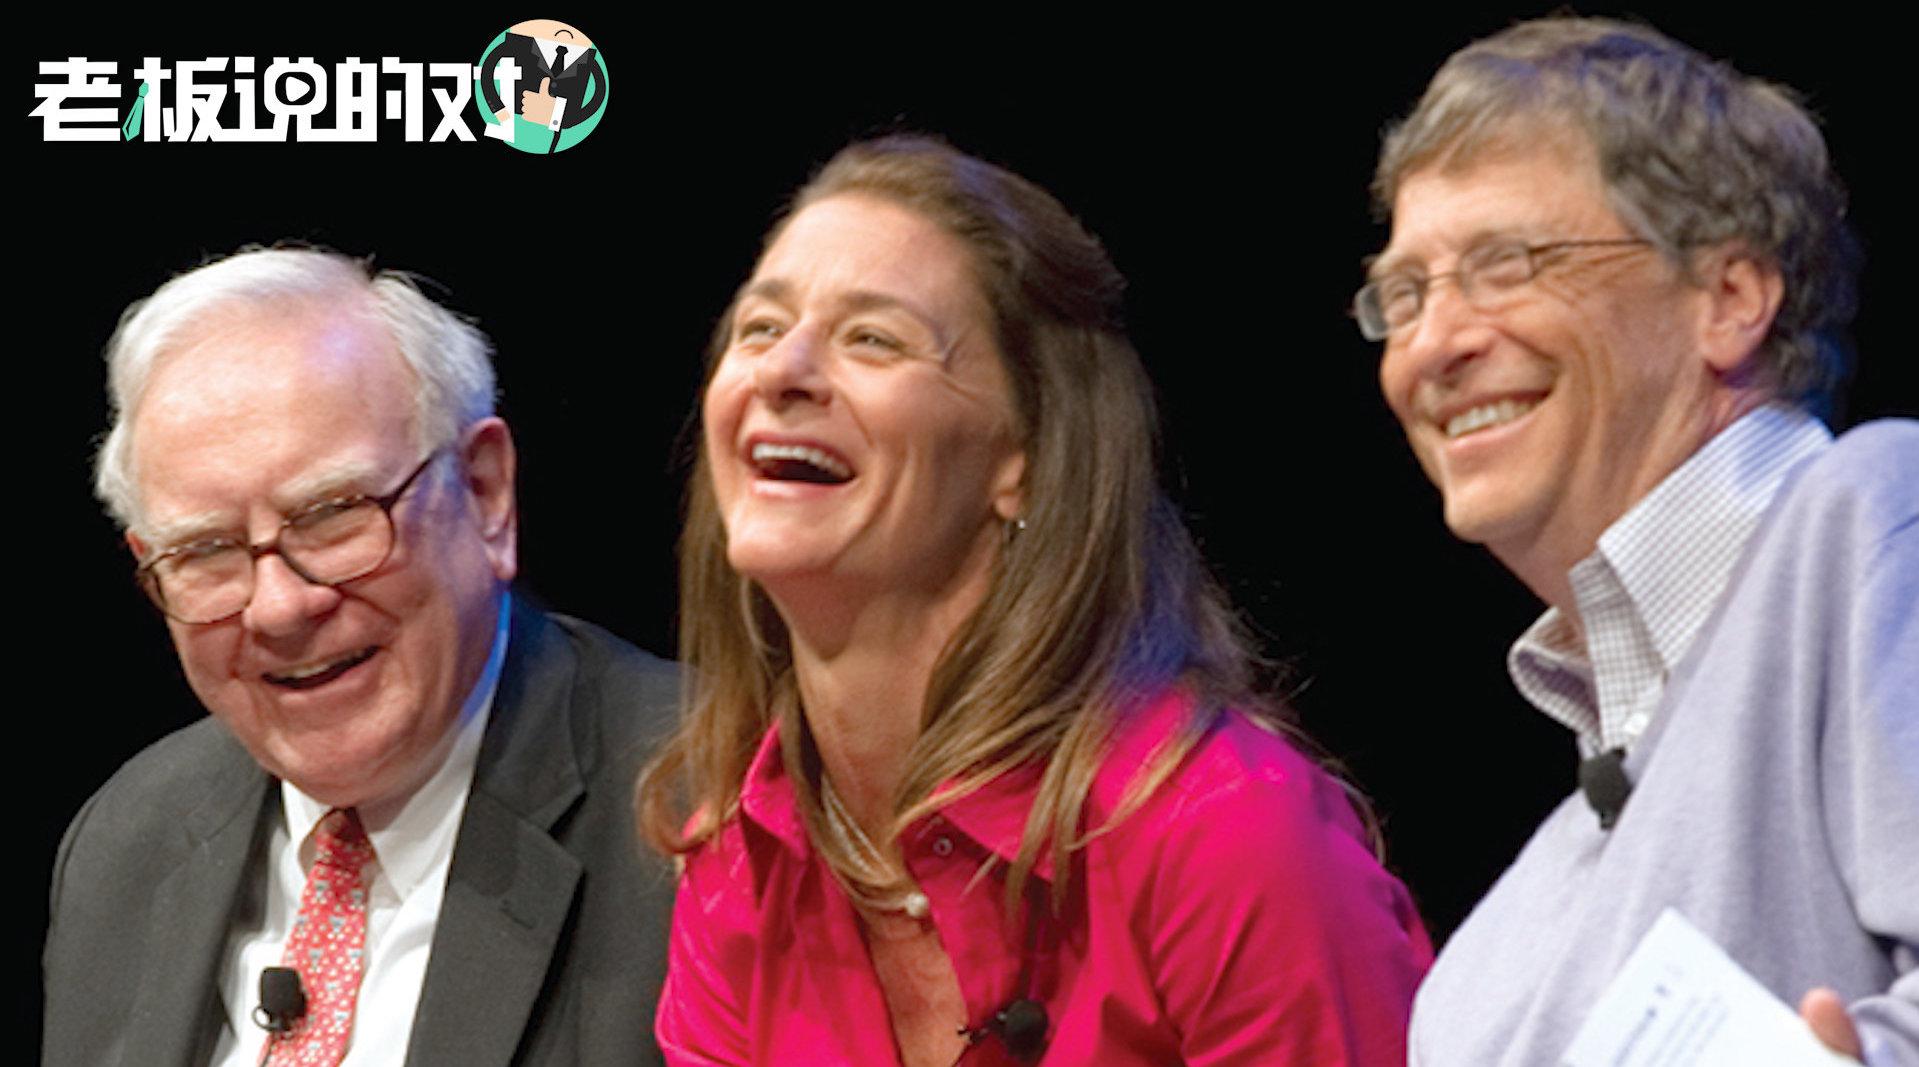 花6%净资产买婚戒的巴菲特!26年前曾劝盖茨:花3.7亿美元买婚戒